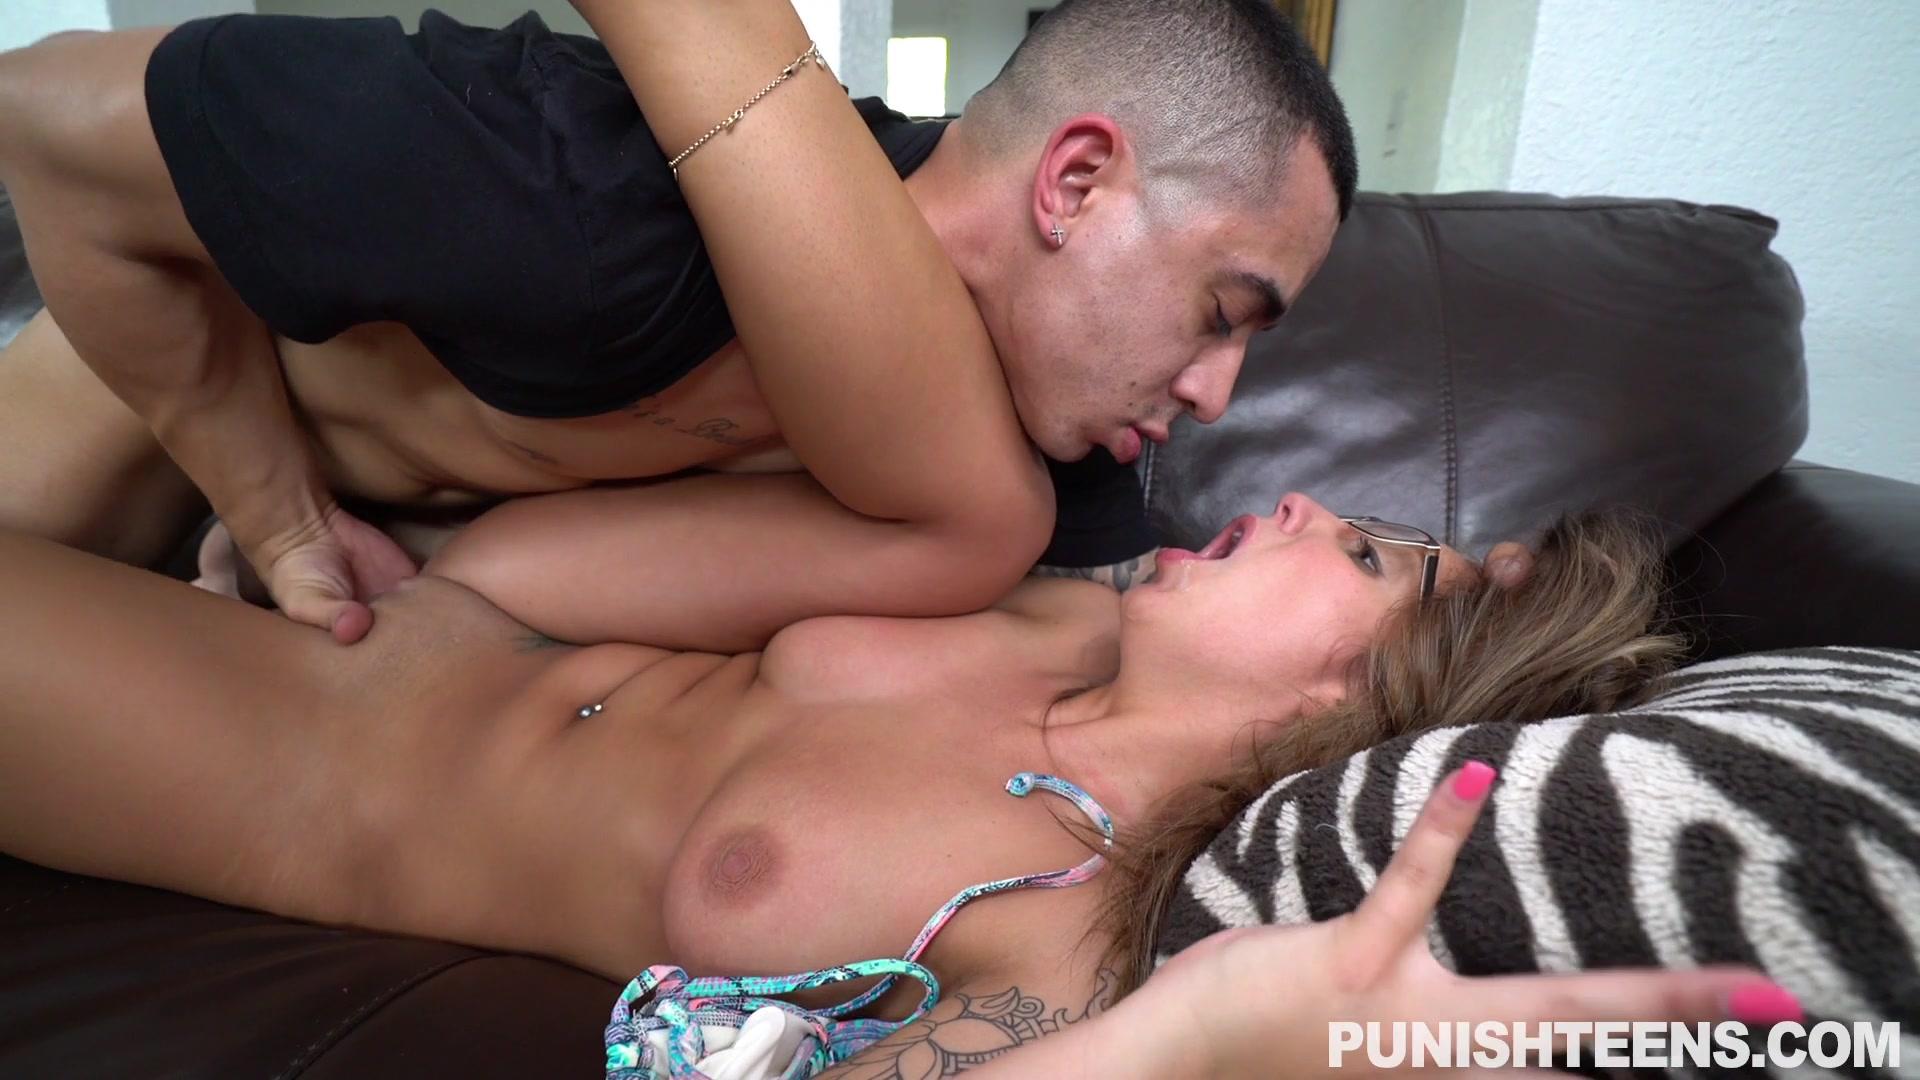 Best Punishment Porn